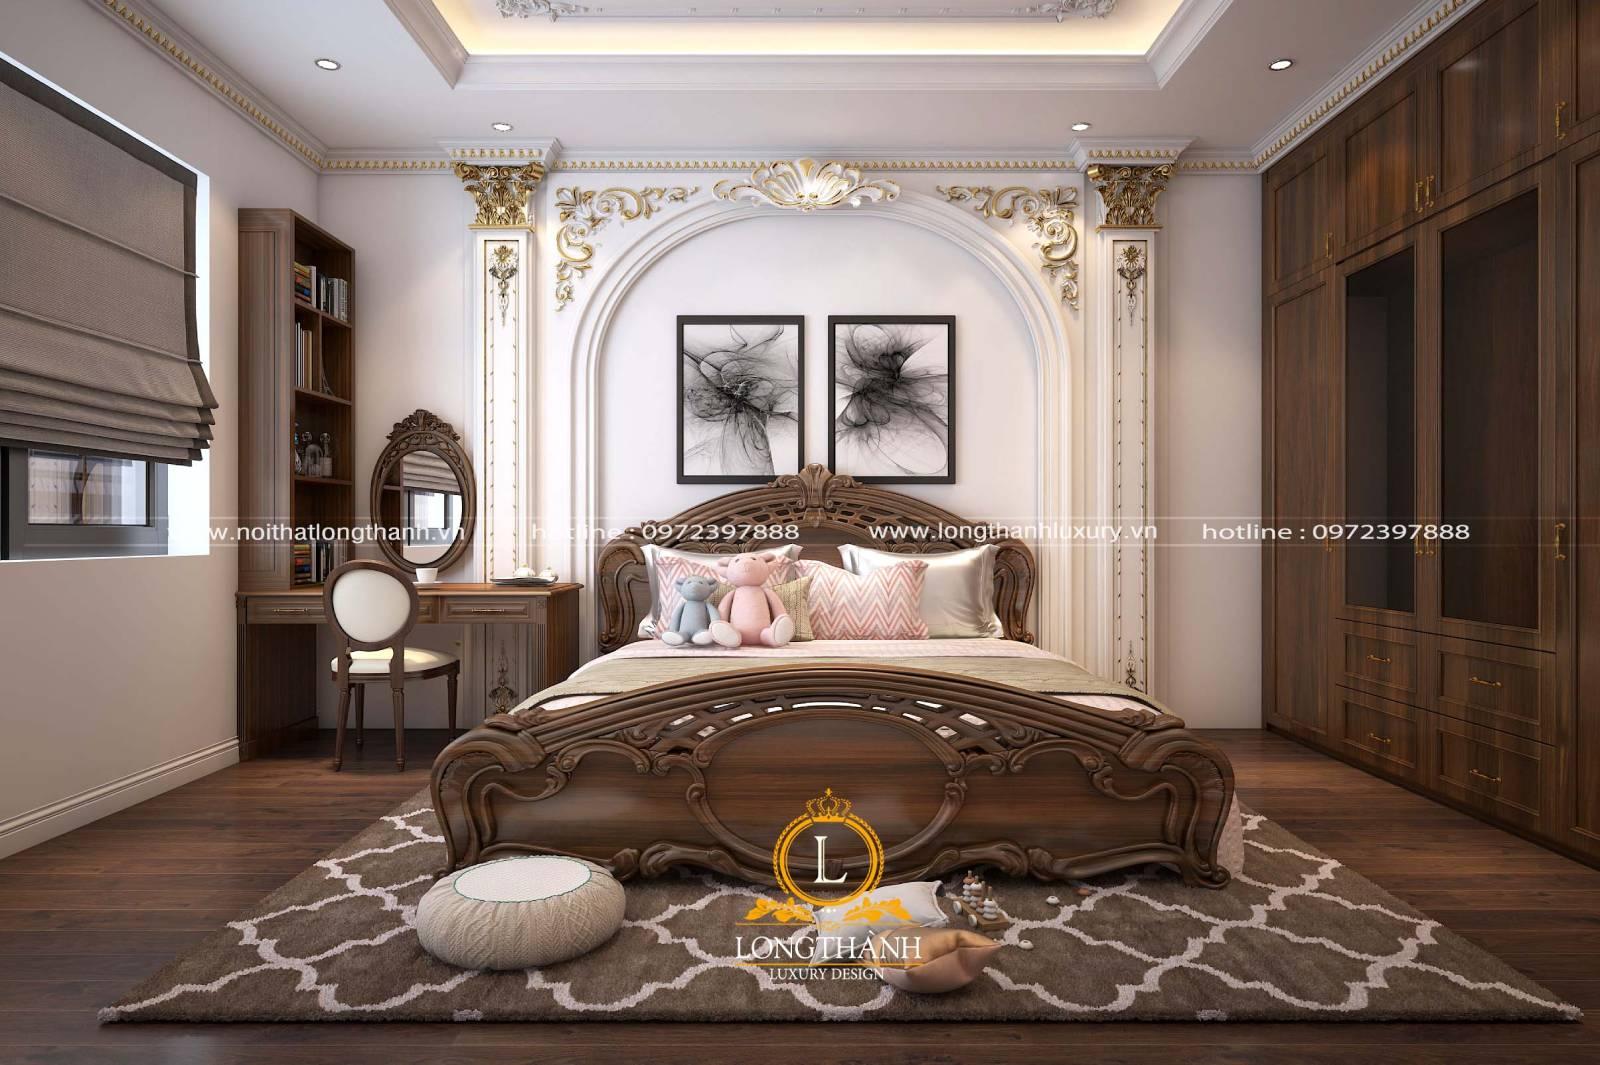 Thiết kế phòng ngủ tân cổ điển cho nhà rộng